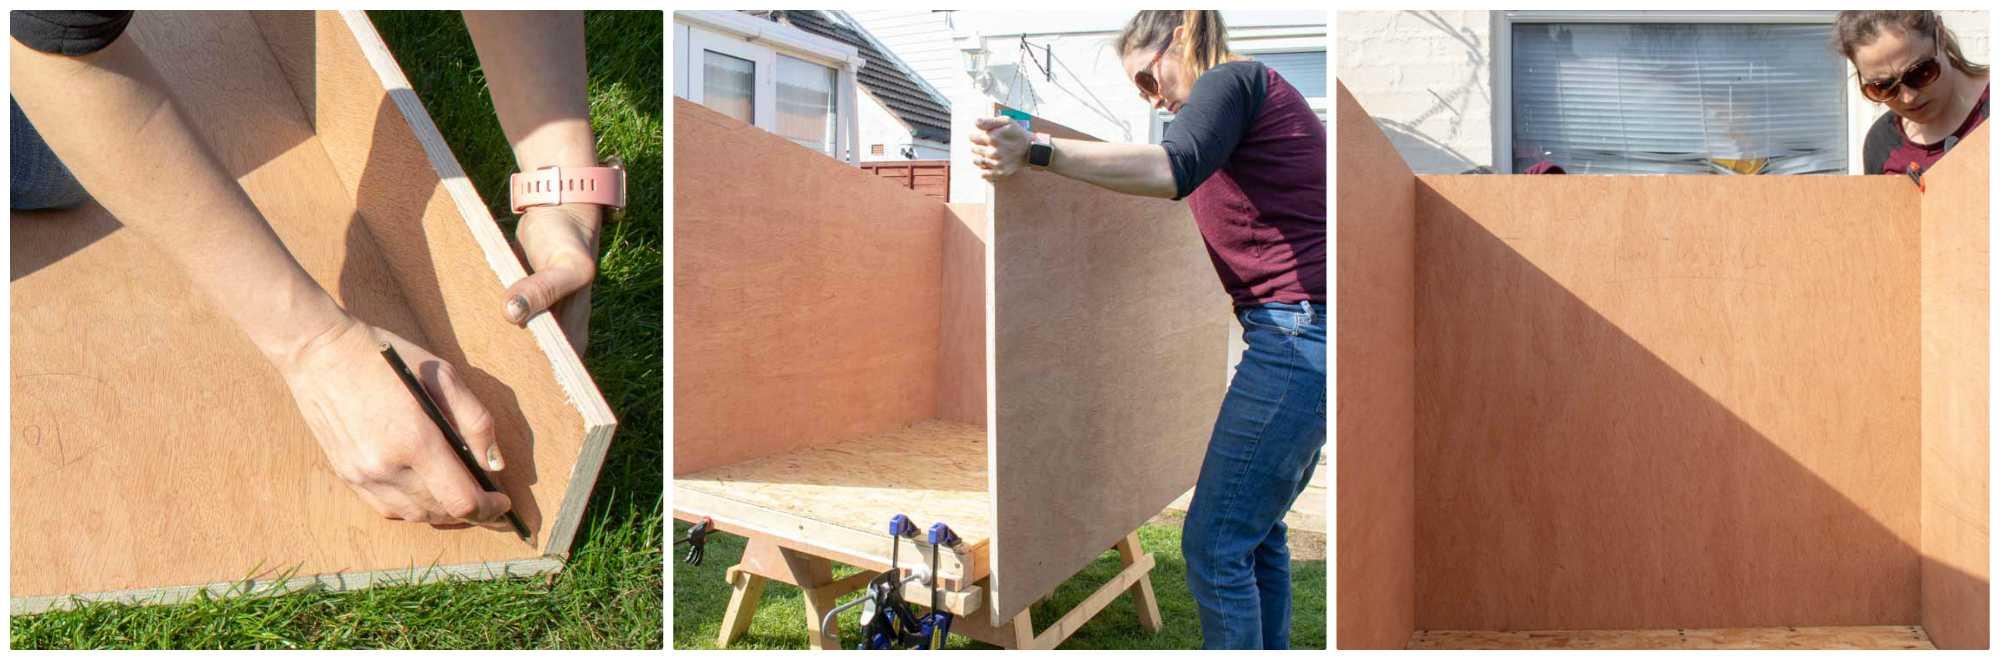 building dog kennel